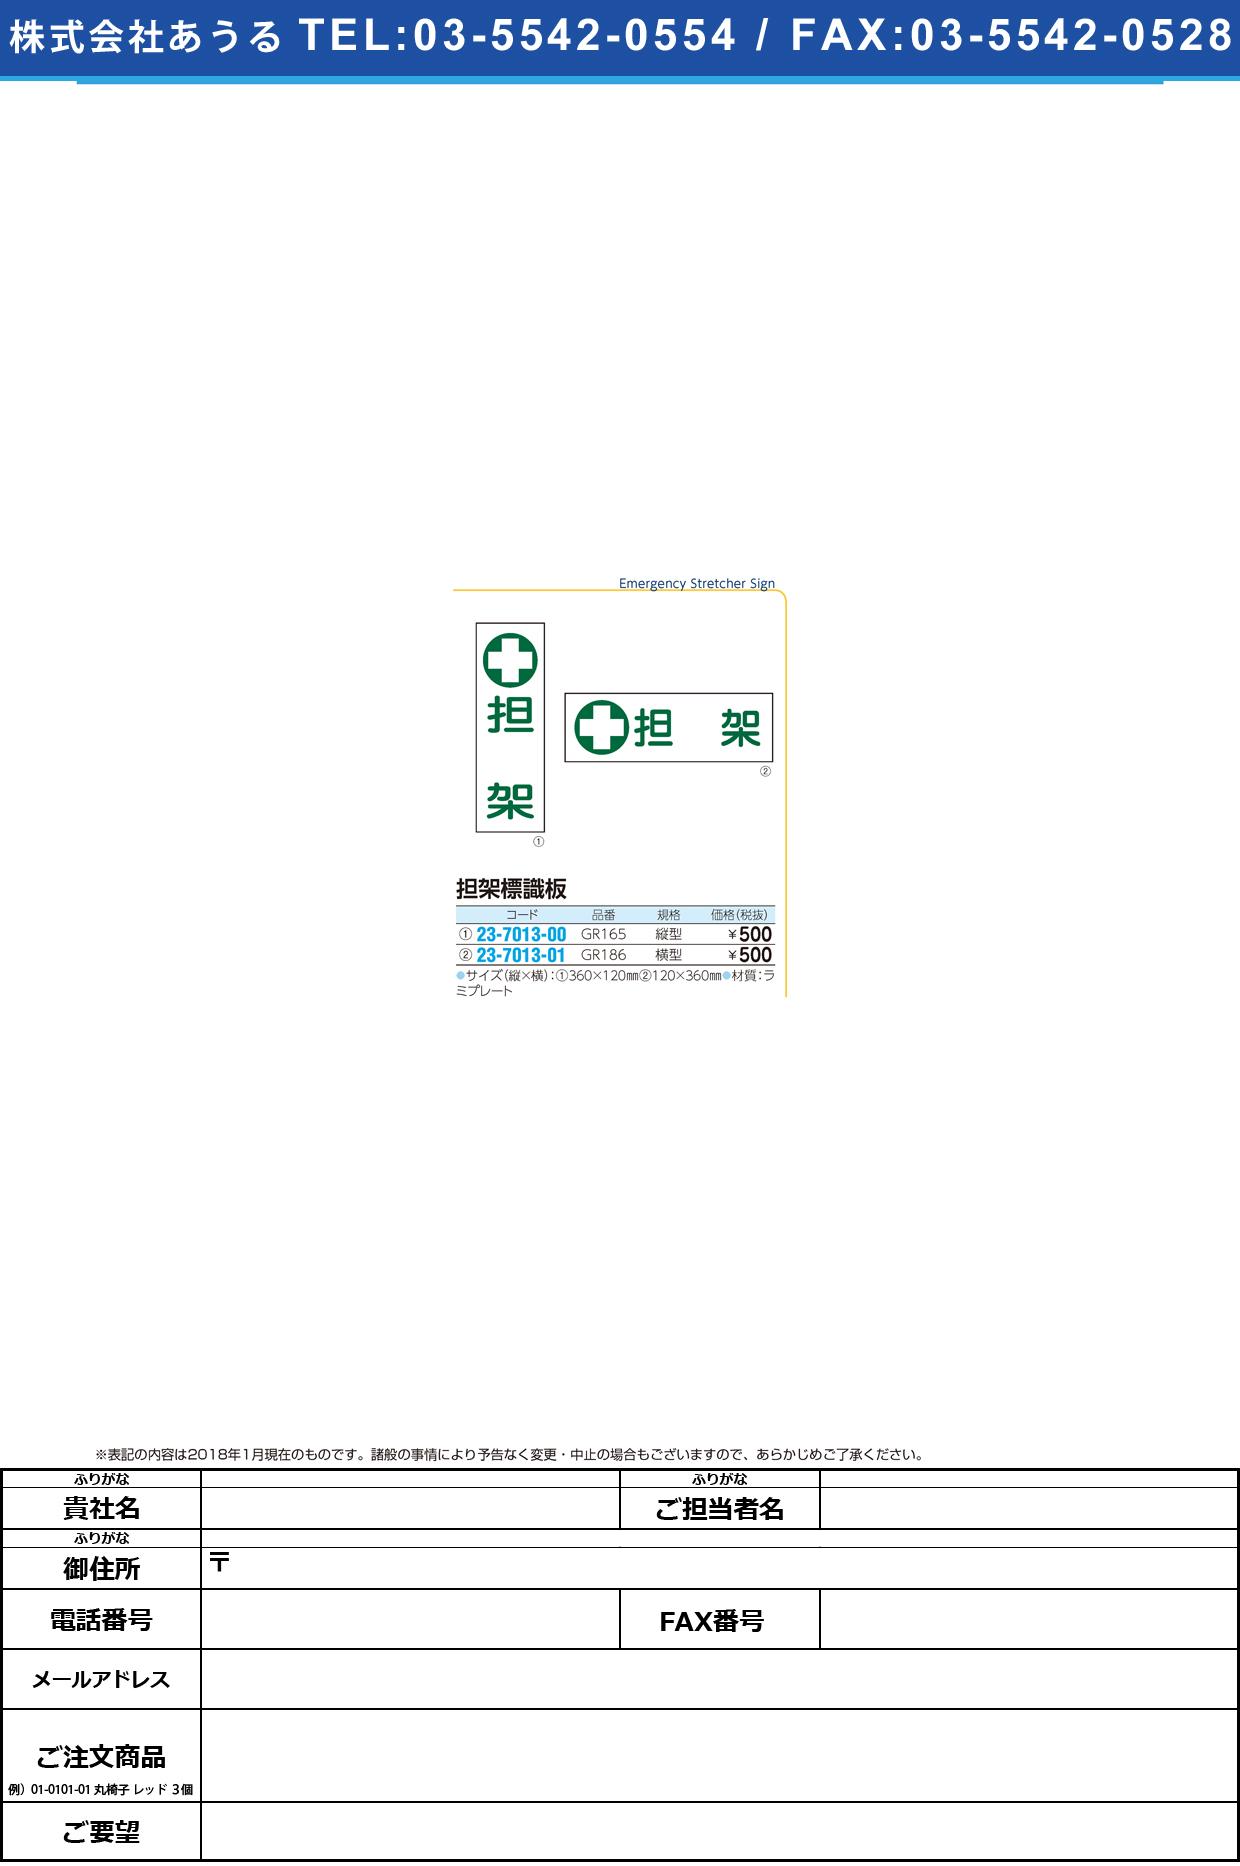 (23-7013-00)担架標識板(縦型) GR165(120X360MM) タンカヒョウシキバン(タテ)【1枚単位】【2018年カタログ商品】